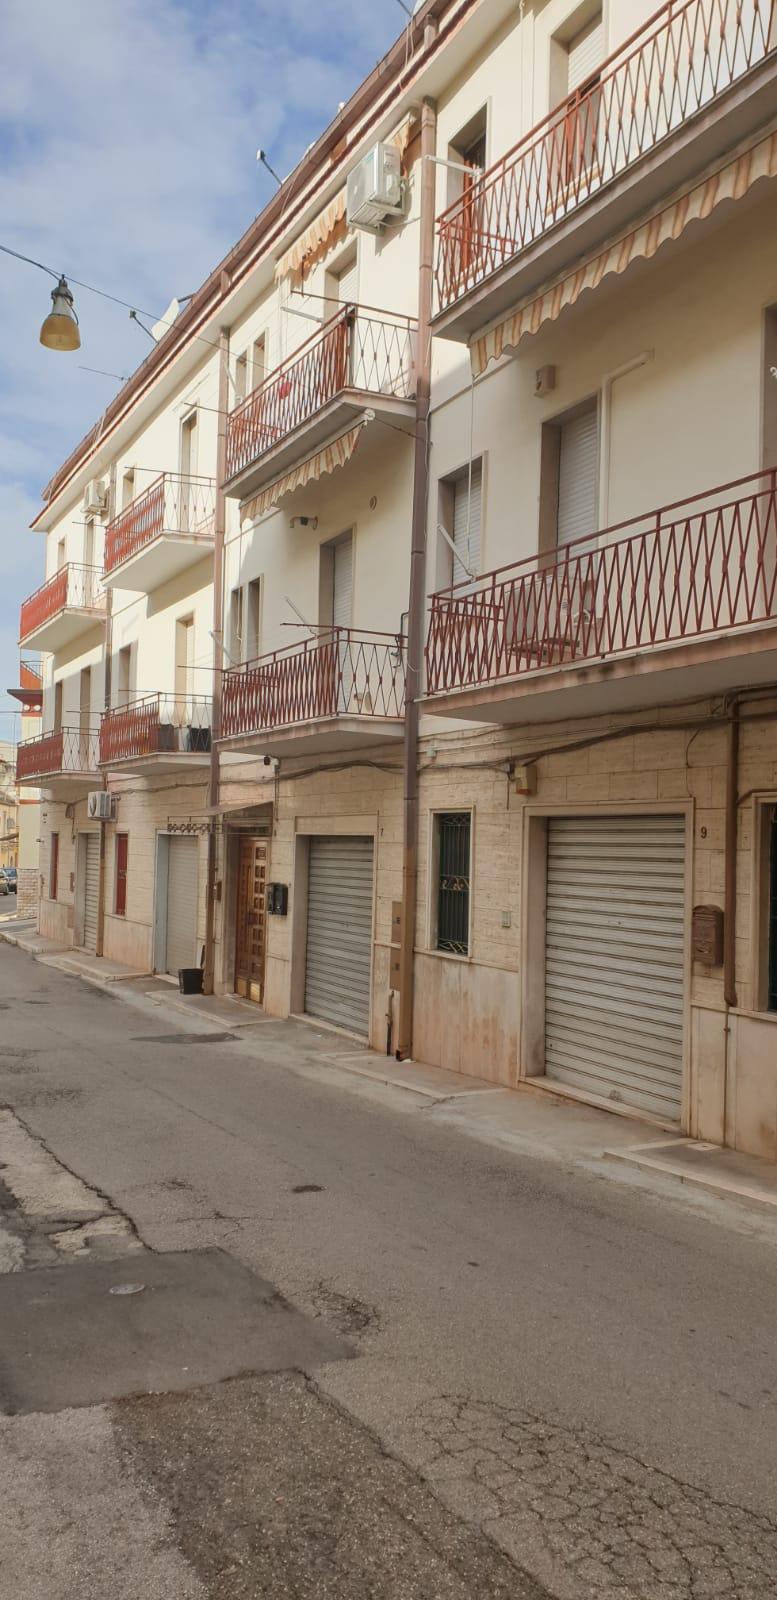 Appartamento in vendita a San Nicandro Garganico, 4 locali, prezzo € 55.000   PortaleAgenzieImmobiliari.it